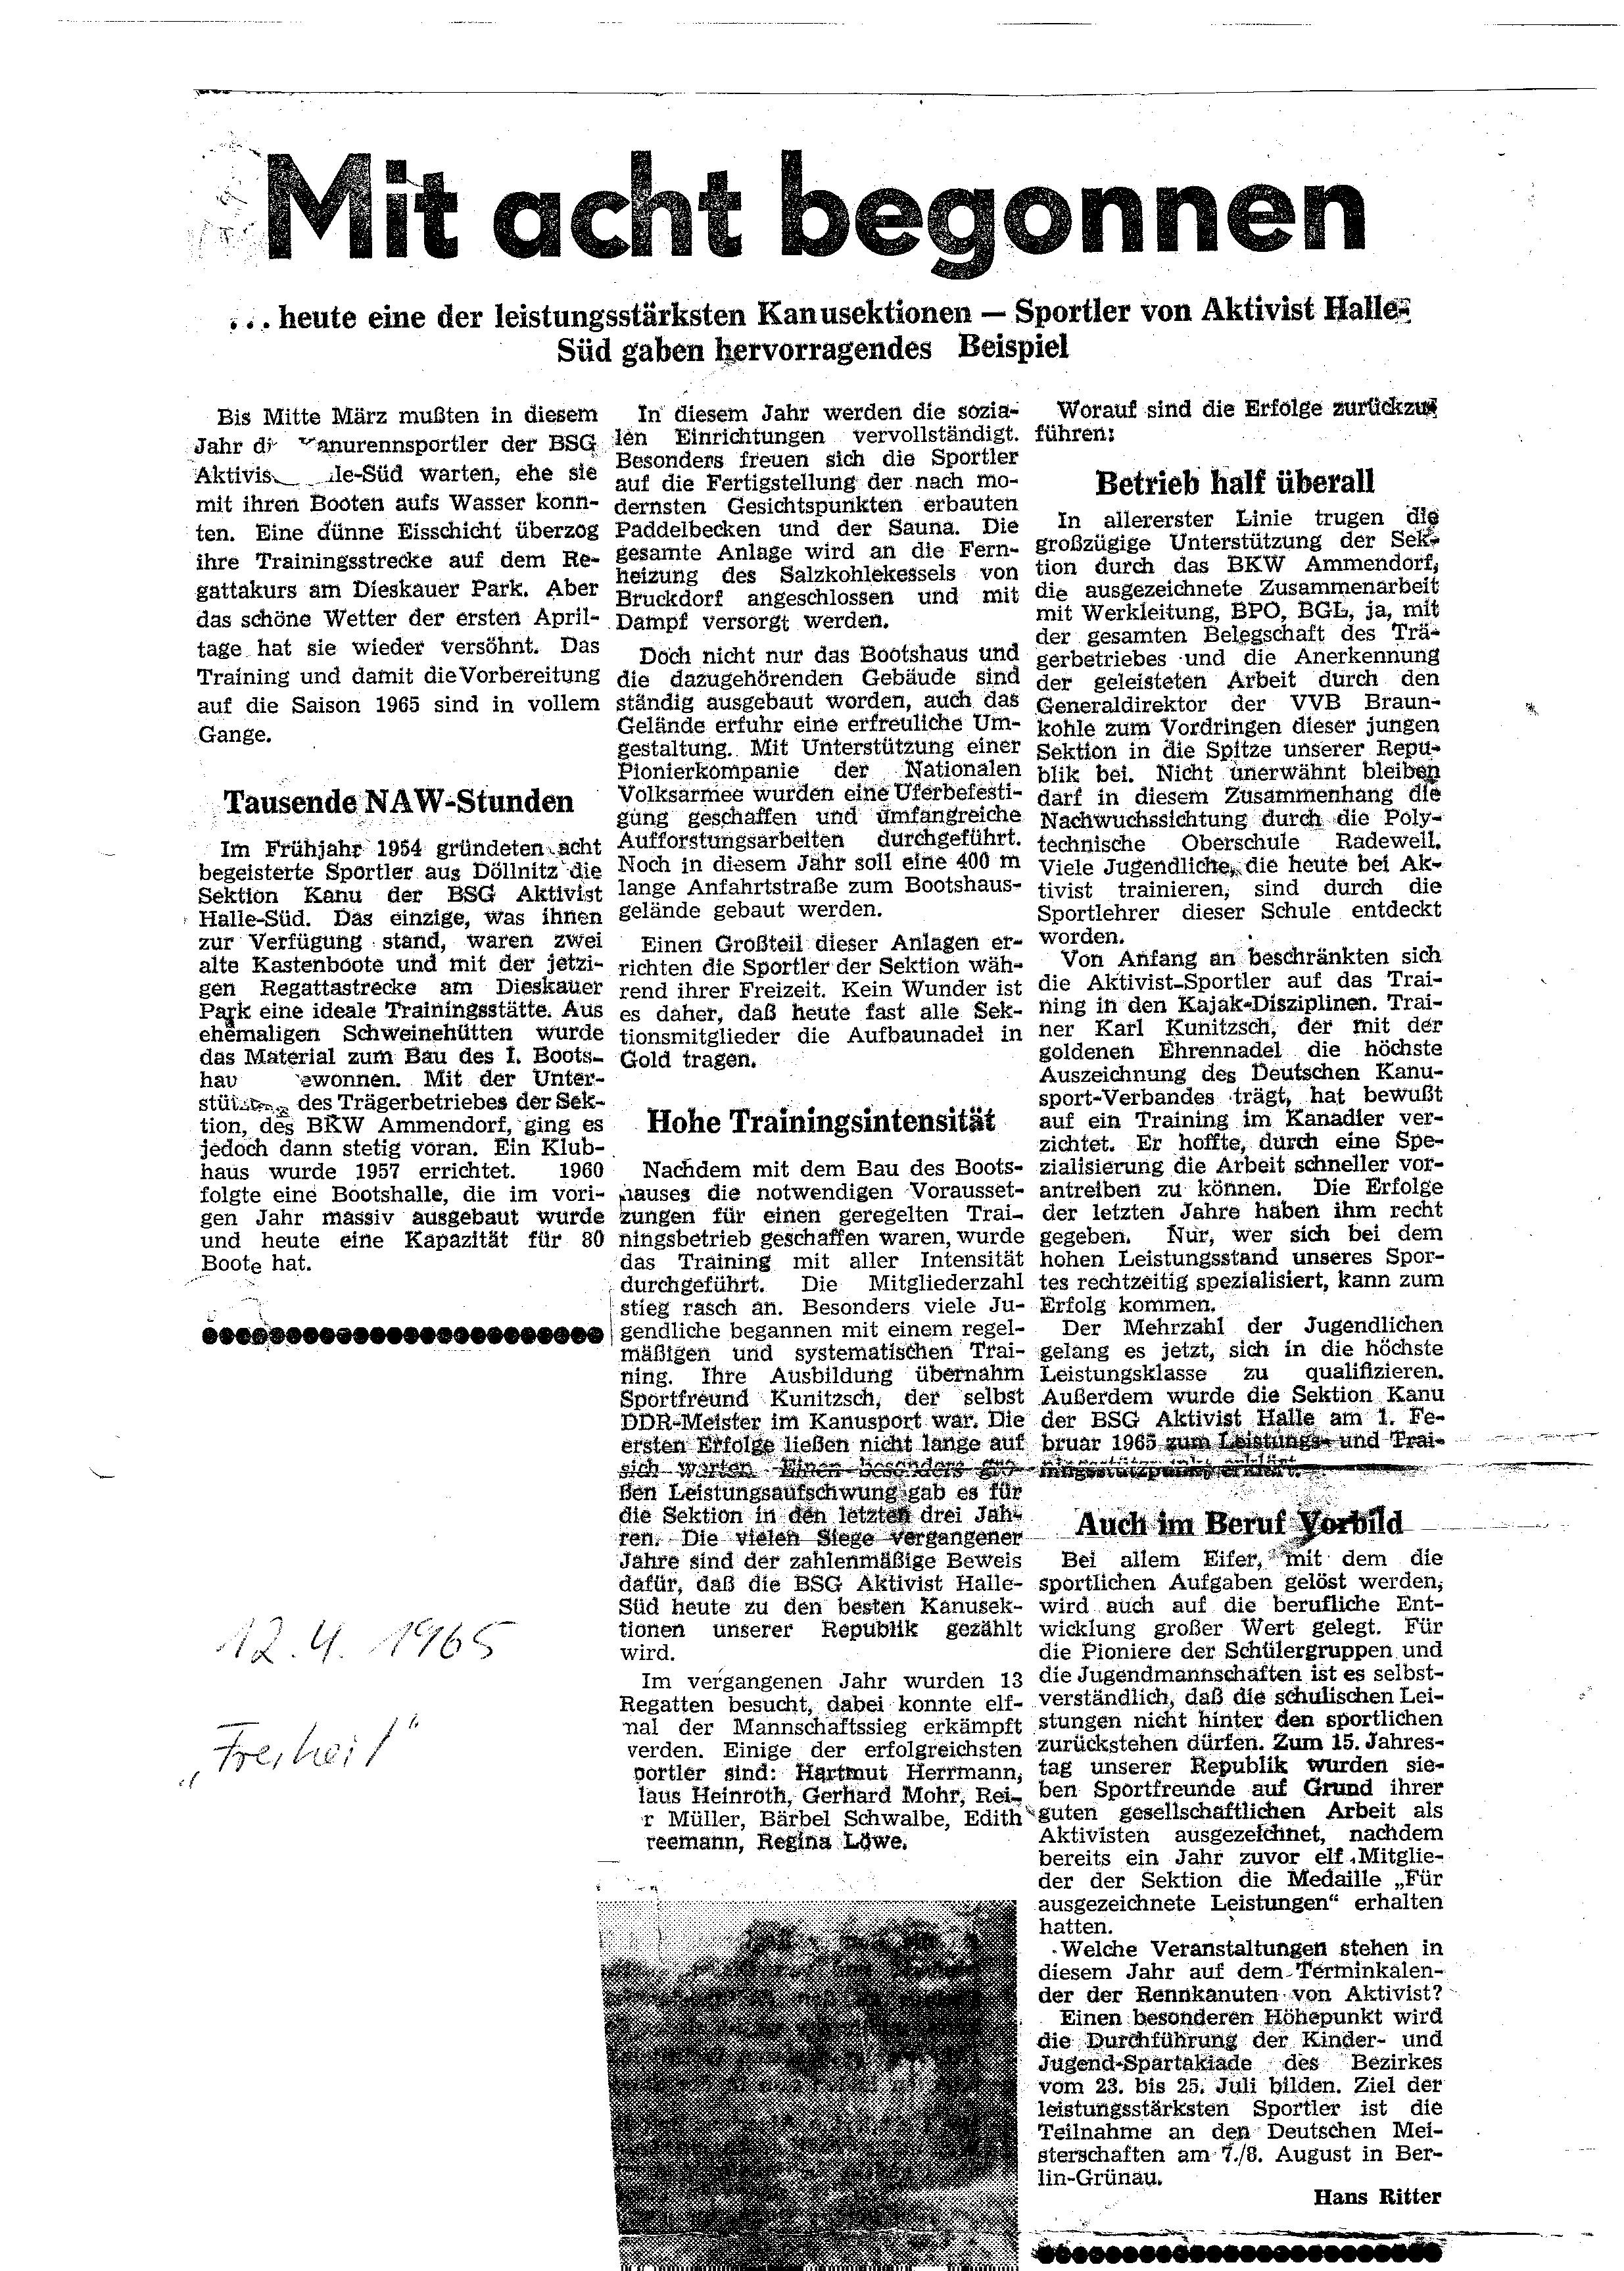 1965-04-12 Freiheit Mit acht begonnen